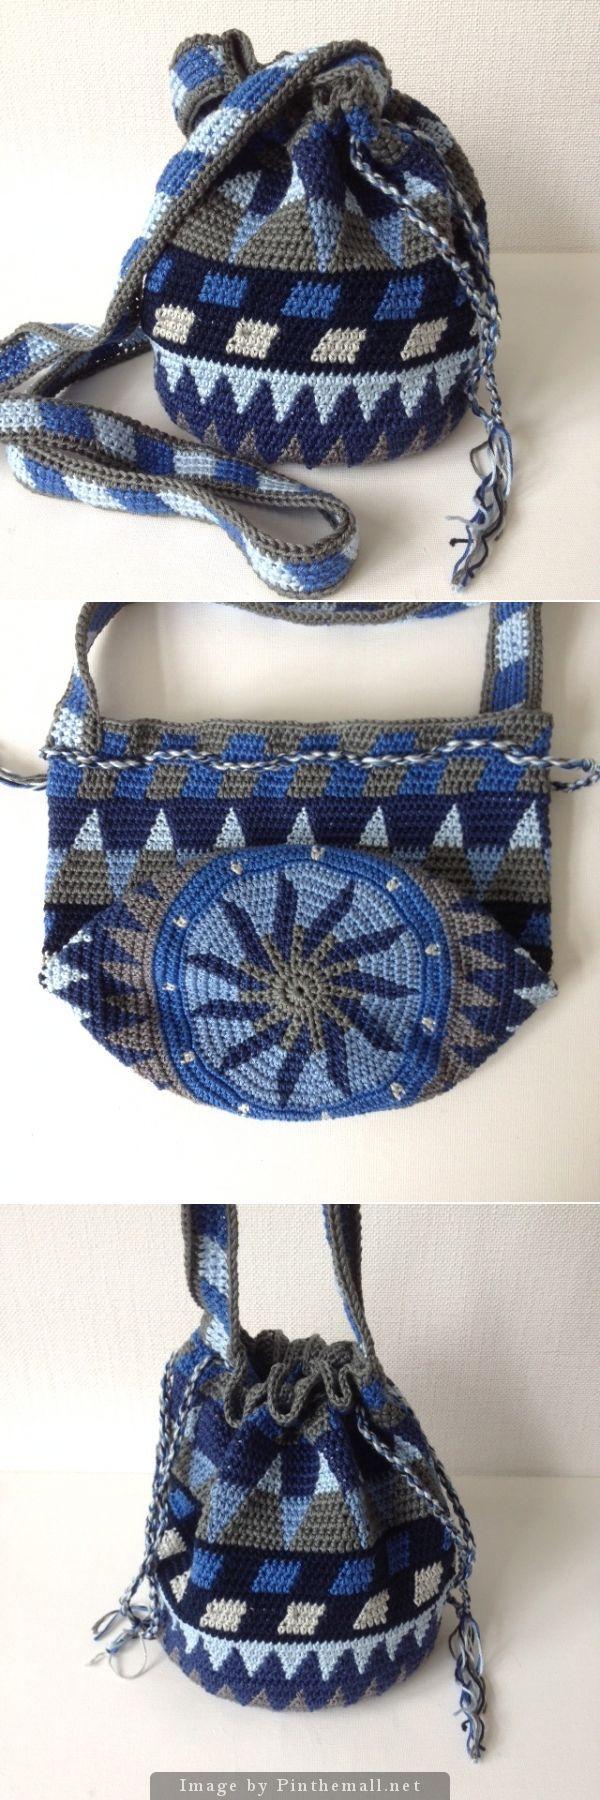 crochet - bag using tapestry crochet technique